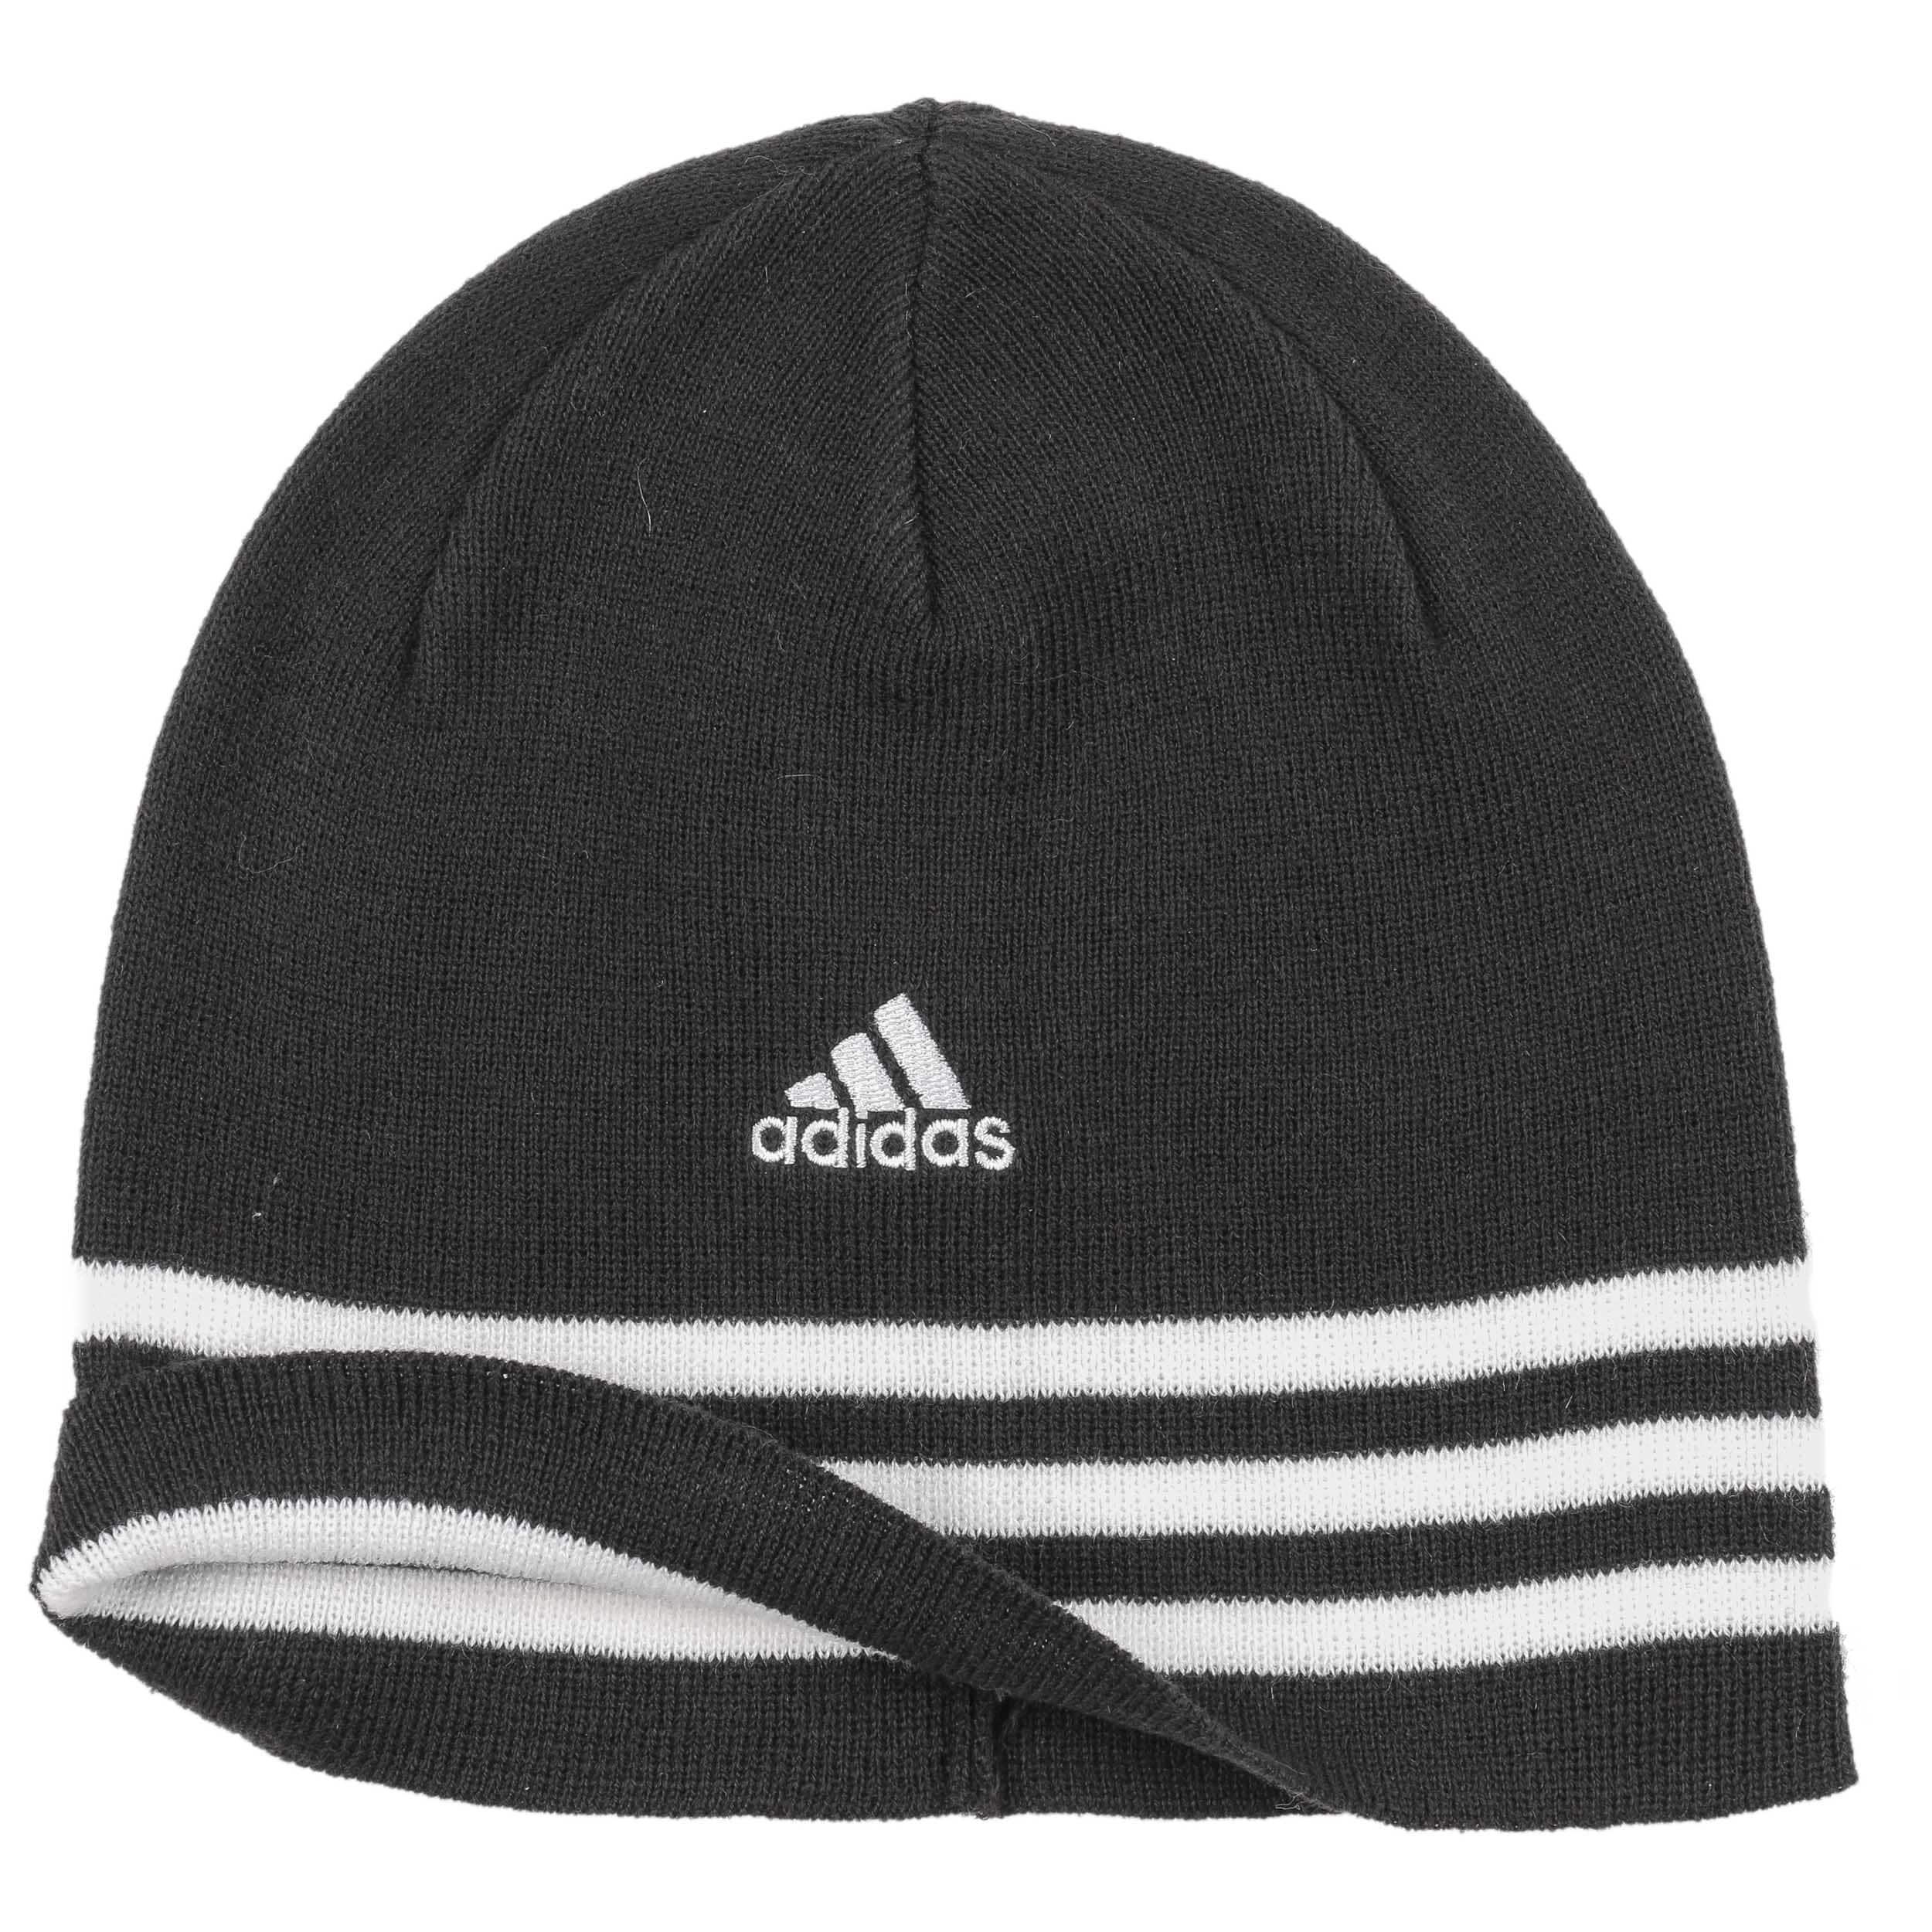 Gorro Ess 3S Beanie by adidas - Gorros - sombreroshop.es 506fe59f00a